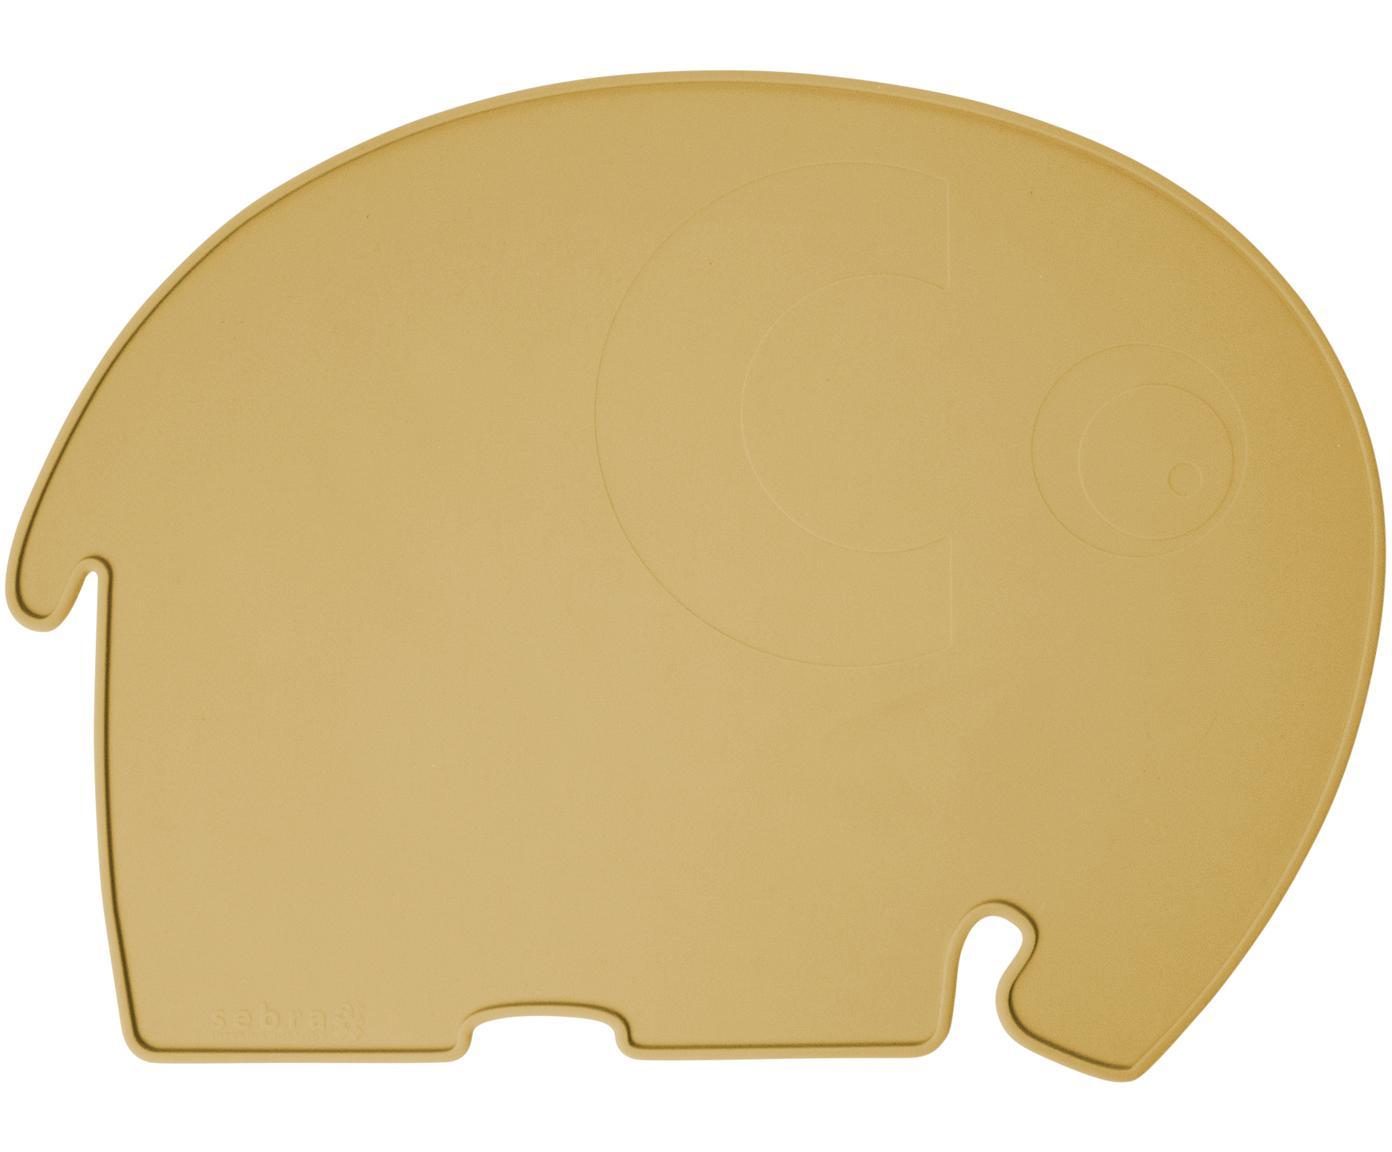 Placemat Fanto, Siliconen, BPA-vrij, Geel, 43 x 33 cm